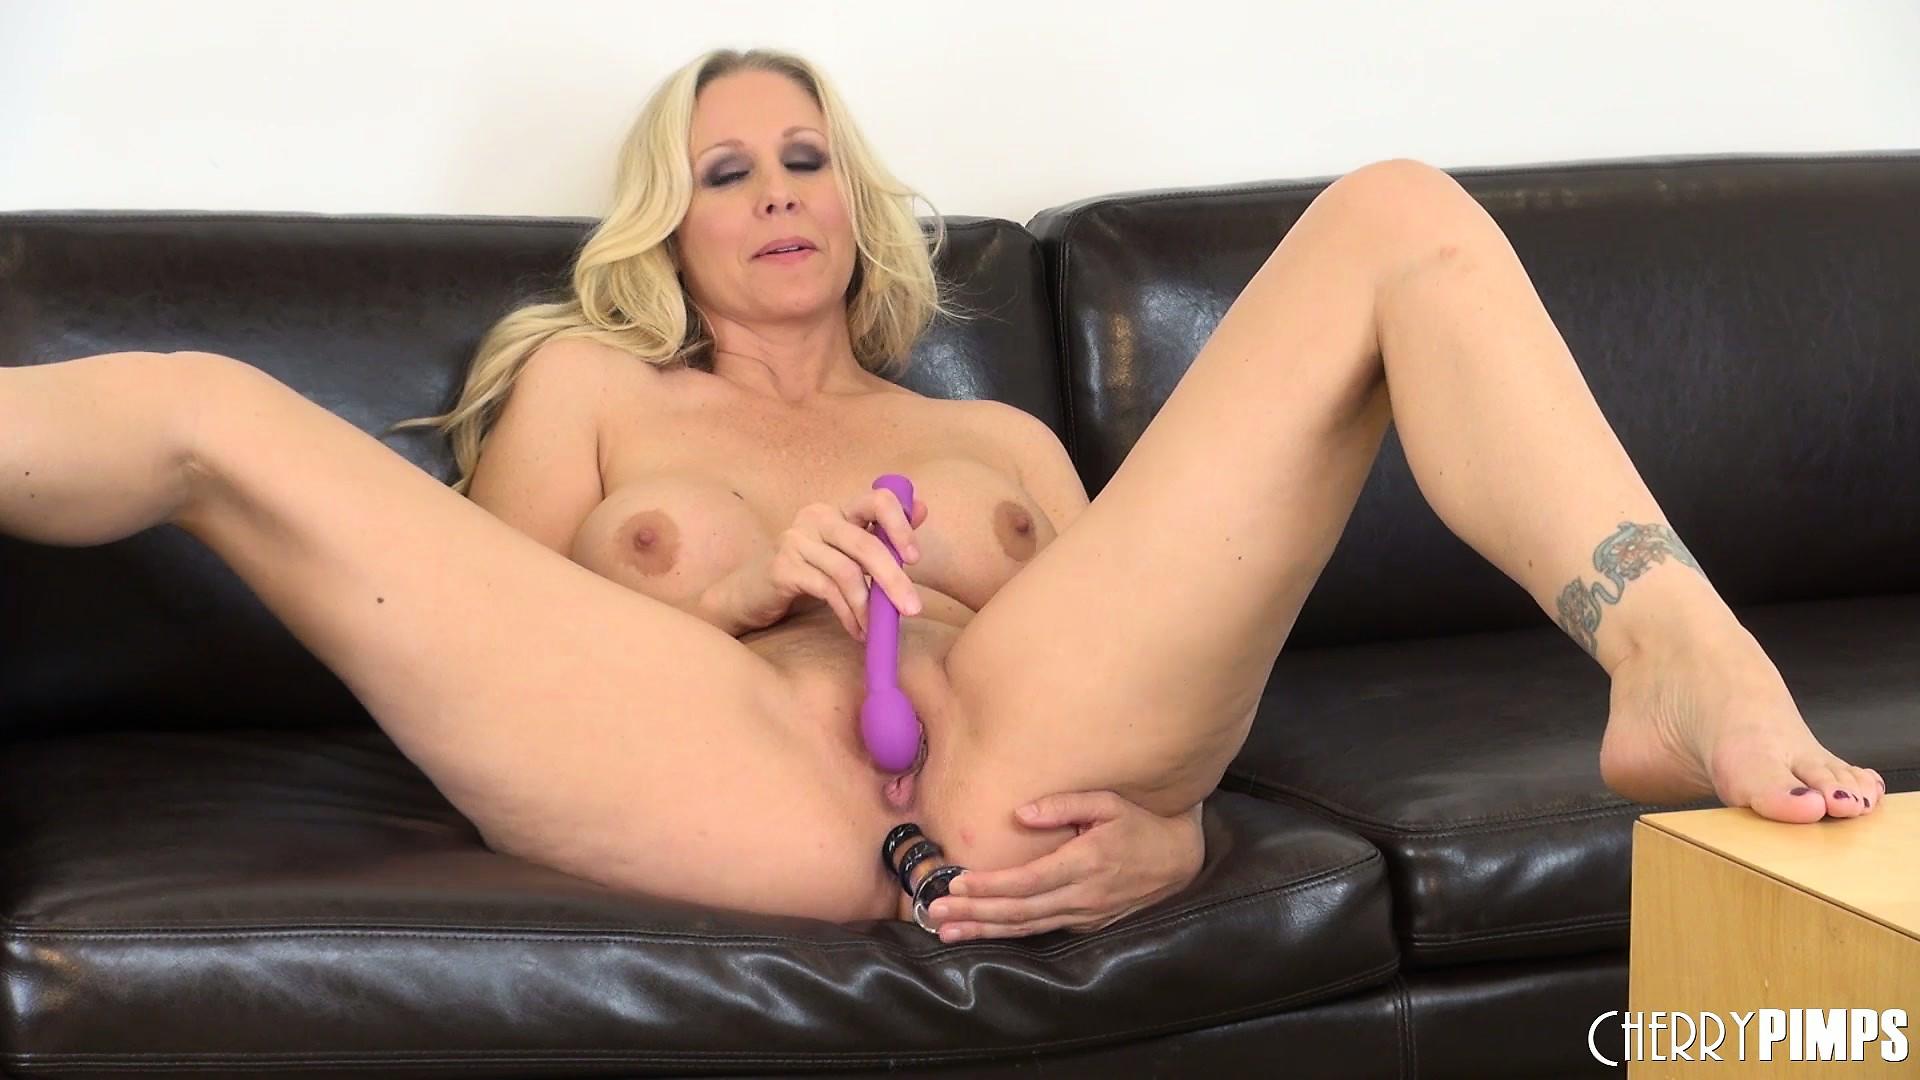 Julia ann pussy masturbating, amanda white pornpictures